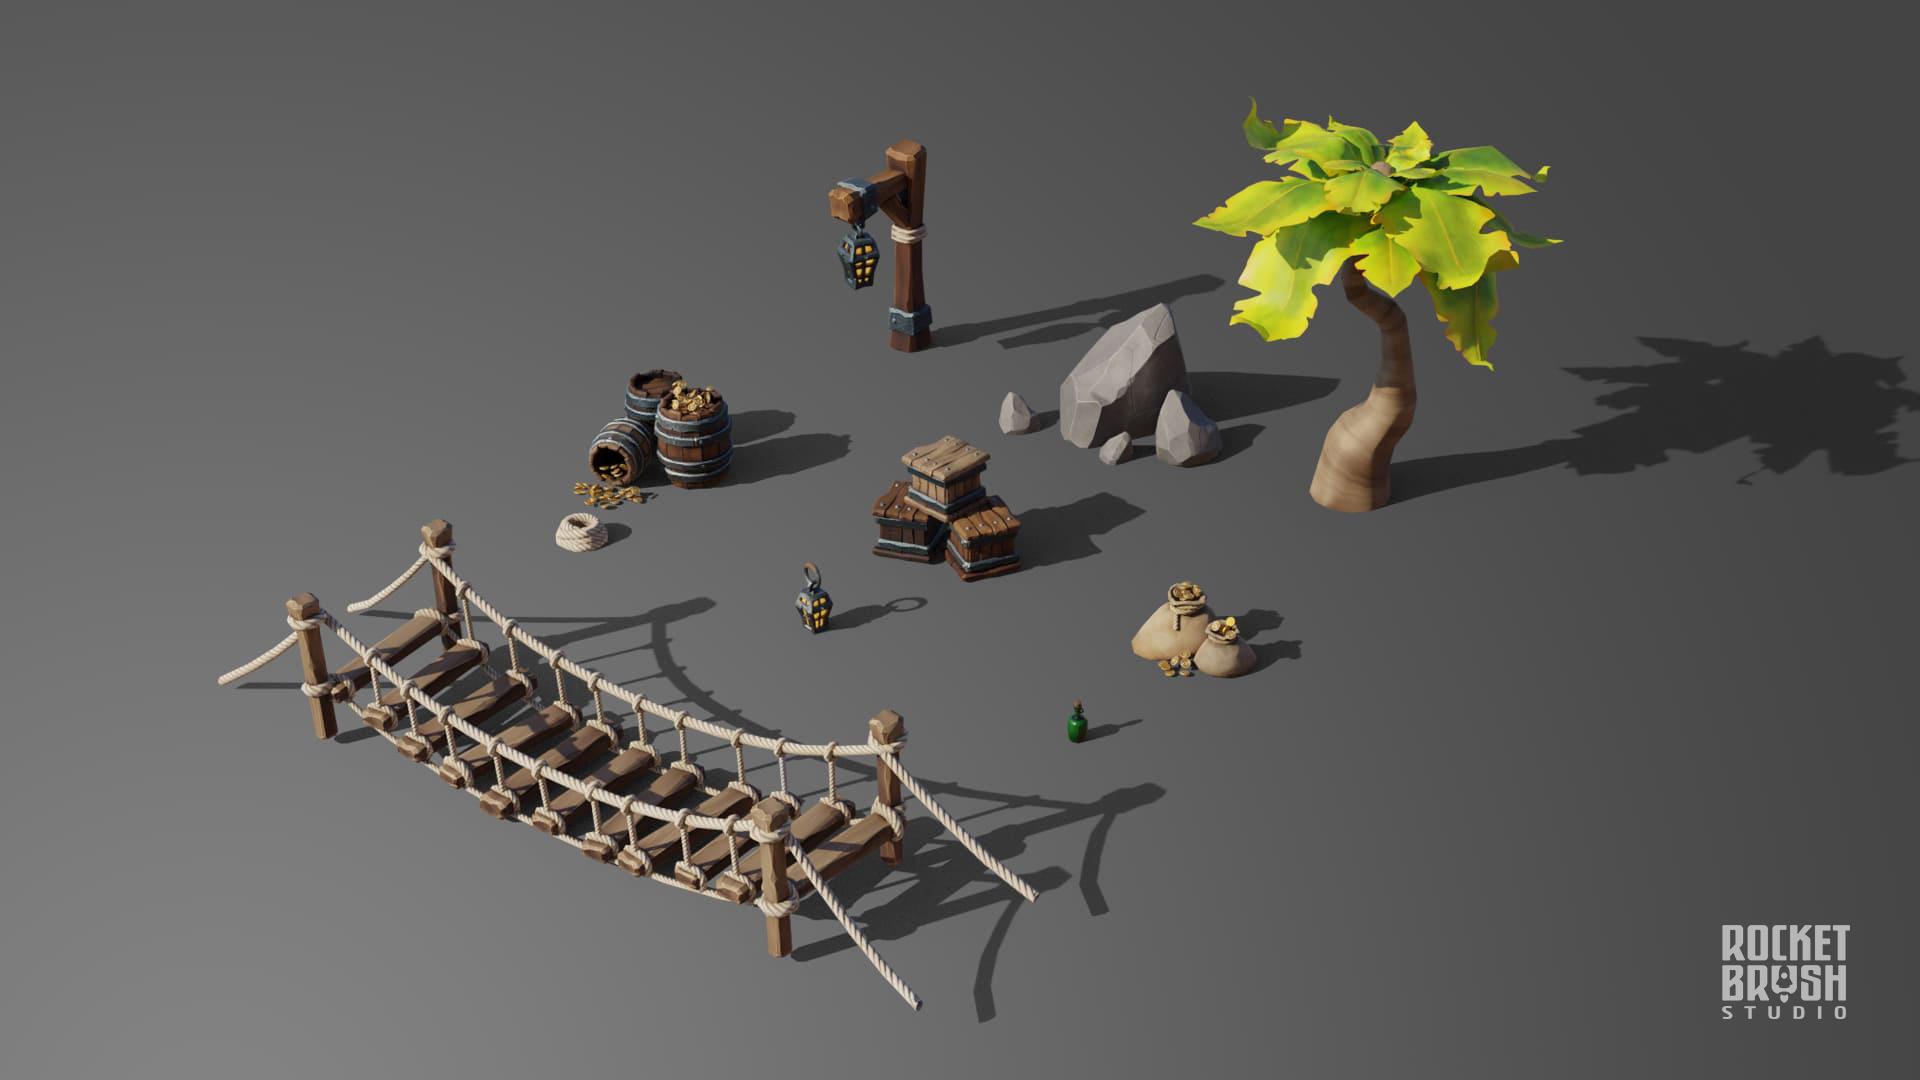 3D assets, 3d assets, 3d studio, 3d low poly, 3d game assets, 3d studio